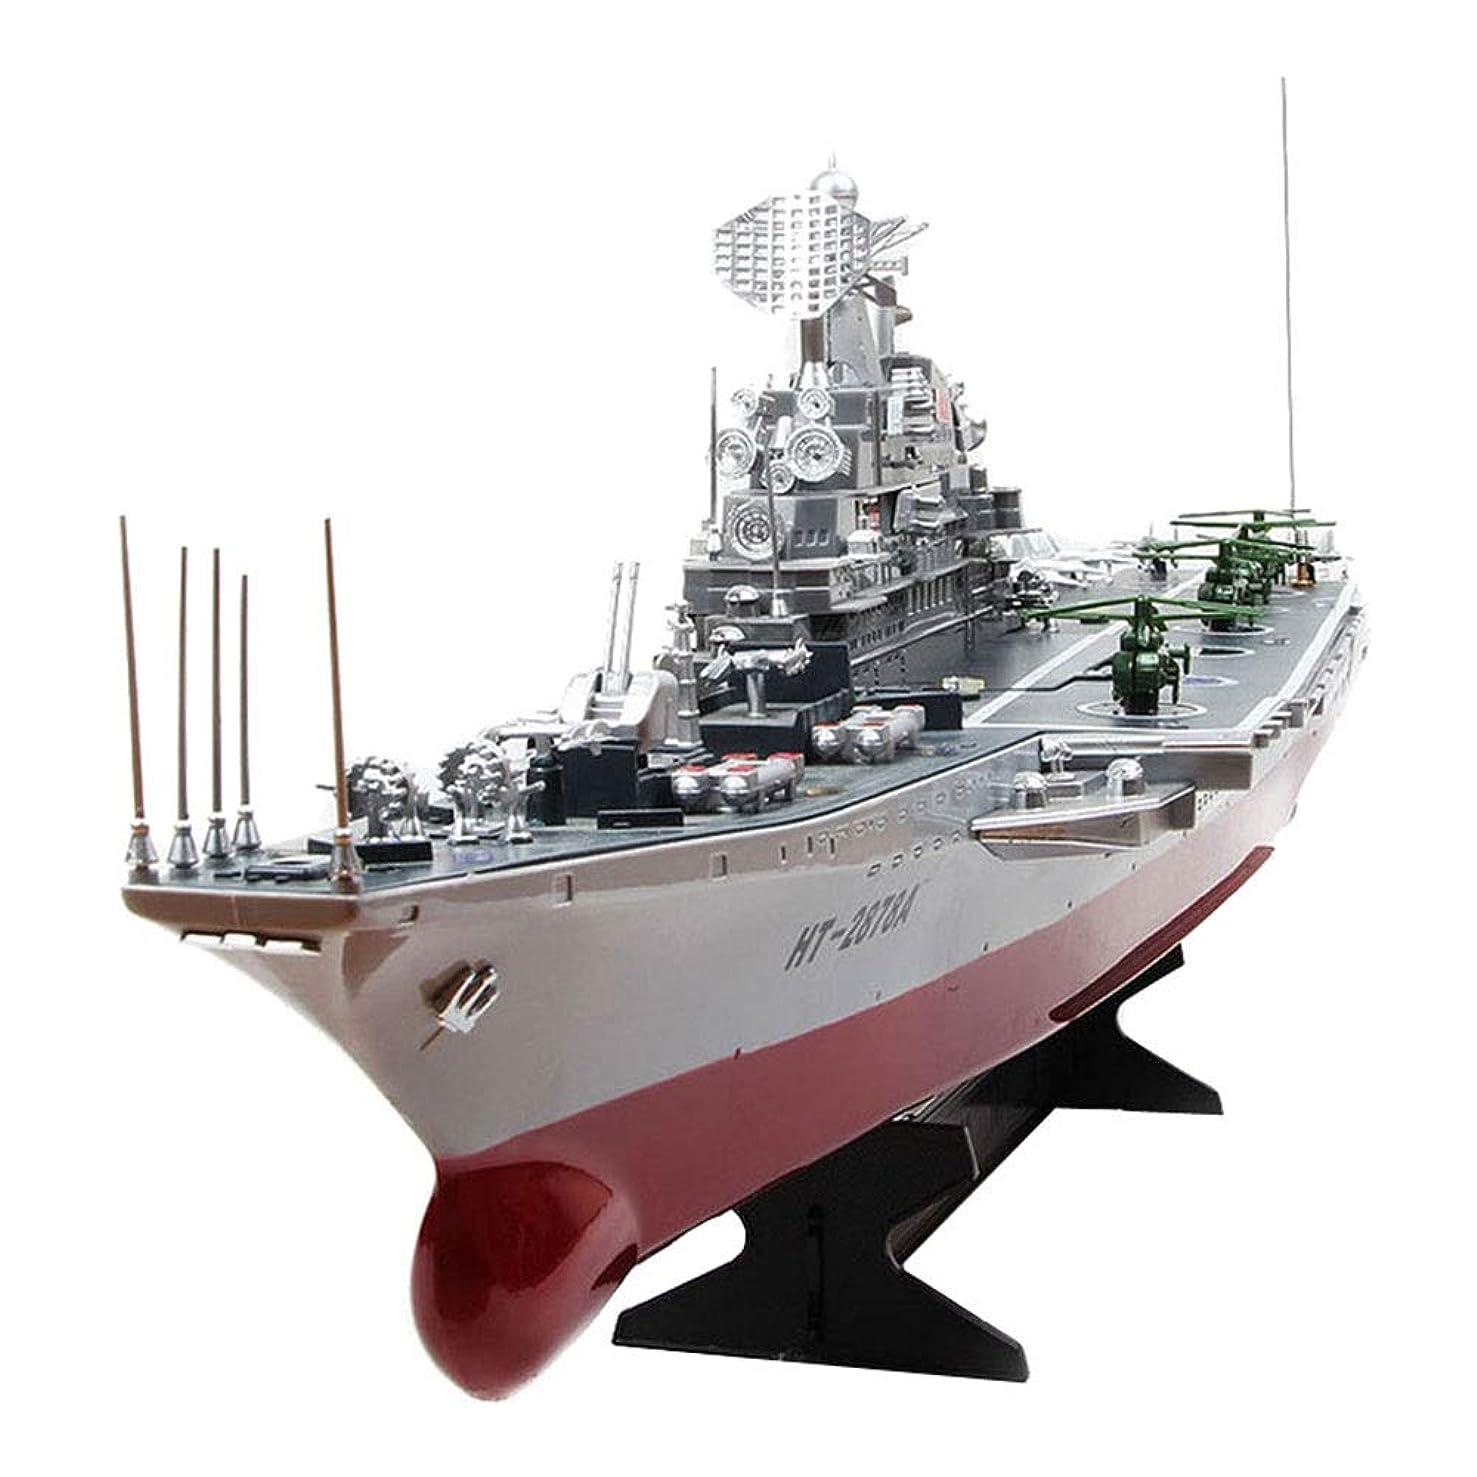 キャプション主要な許容できるTBFEI RC 2.4G大型リモートコントロールボート軍艦電動ボートモデル空母チャイルドボーイ玩具スピードボートリモートコントロール船超大型空母、駆逐艦、戦艦、フリゲート、水陸両用攻撃船、素晴らしい出来映え (Color : Aircraft carrier)